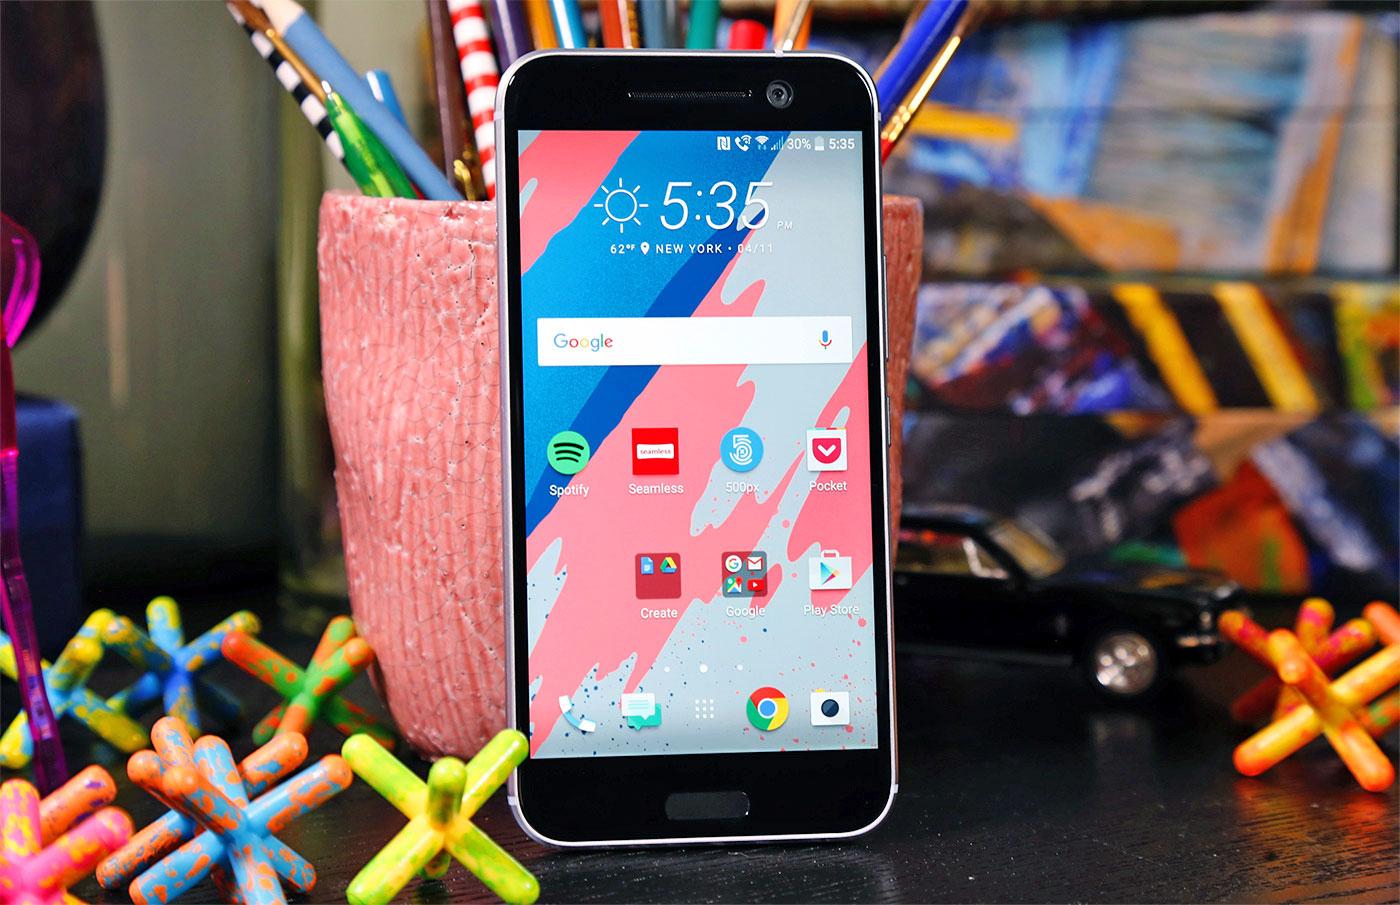 高通芯片存在漏洞,影响大部分 Android 装置